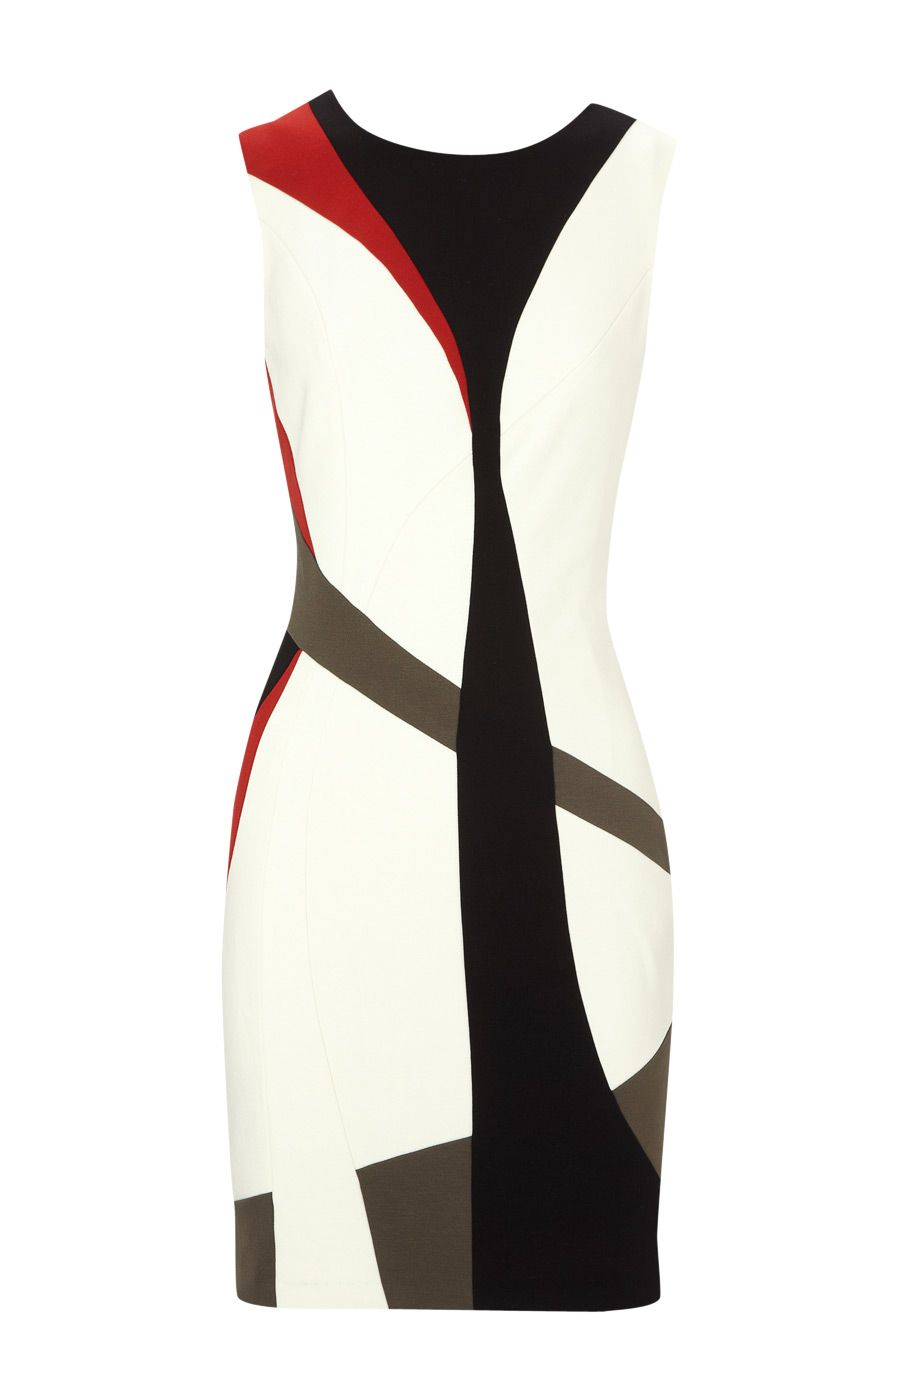 Karen Millen Colourblock Dress Multicolour $180, Karen Millen DK055 - www.karenmillensales-ireland.com